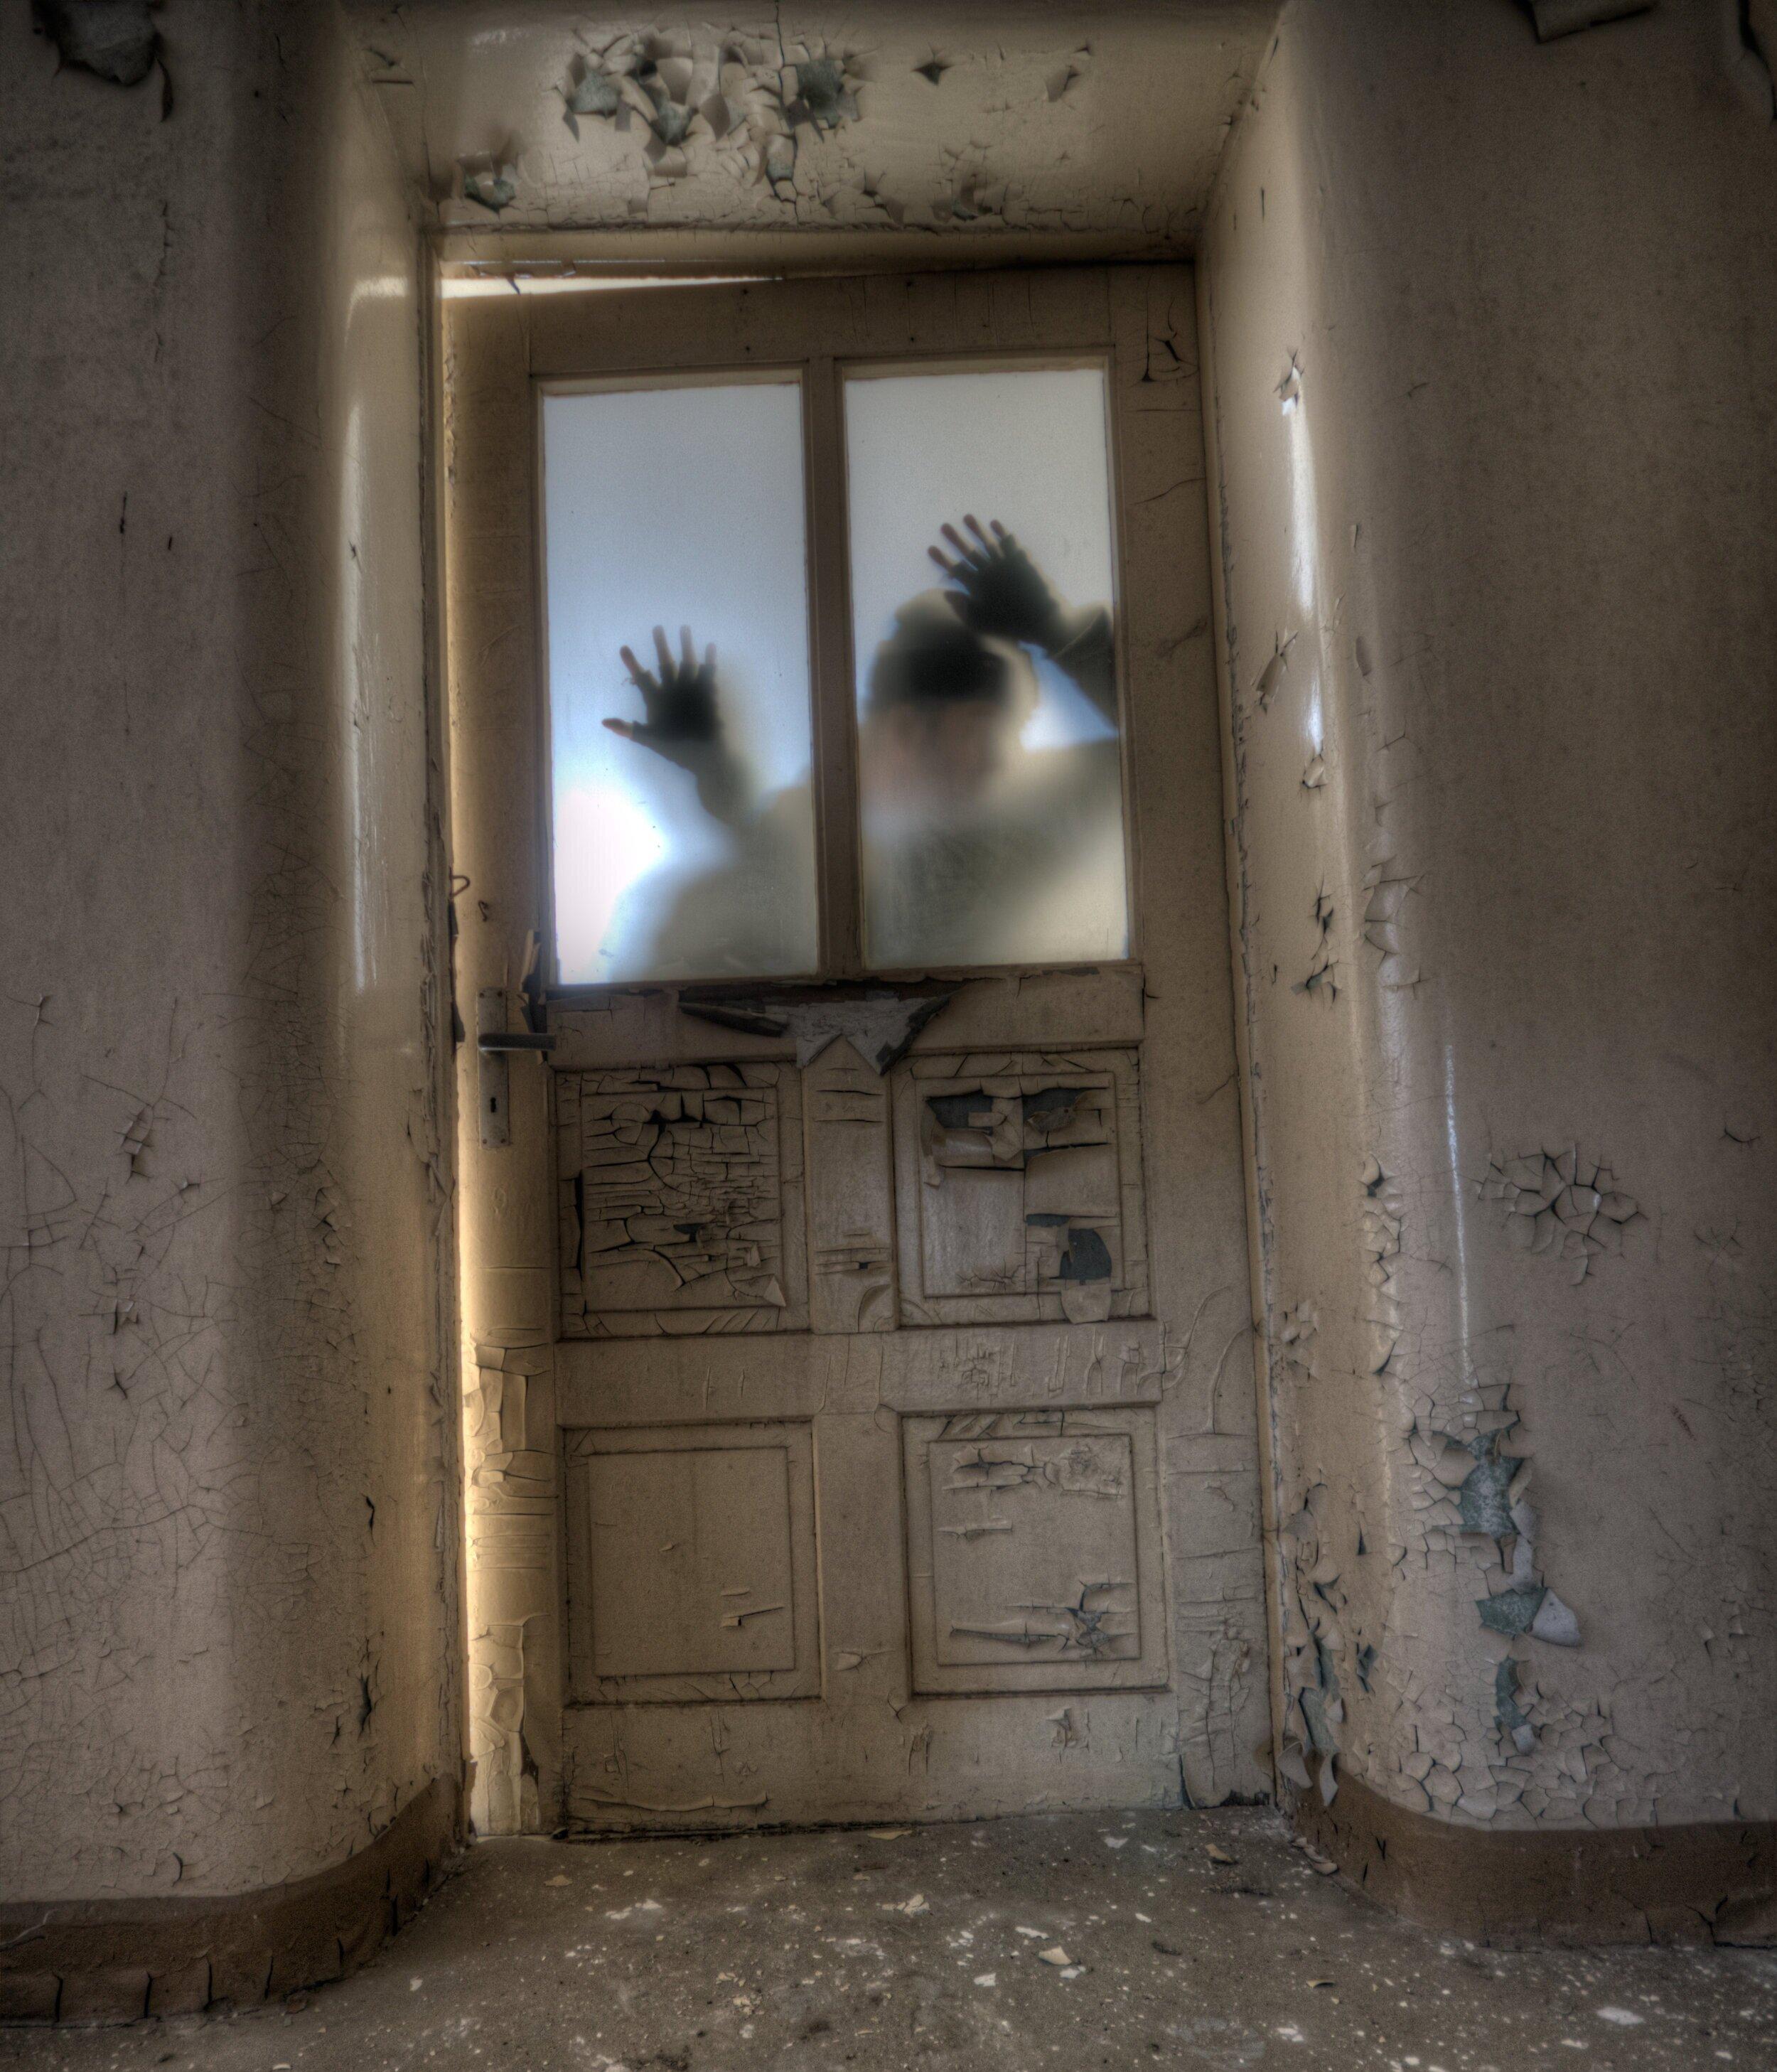 Zombies+at+door